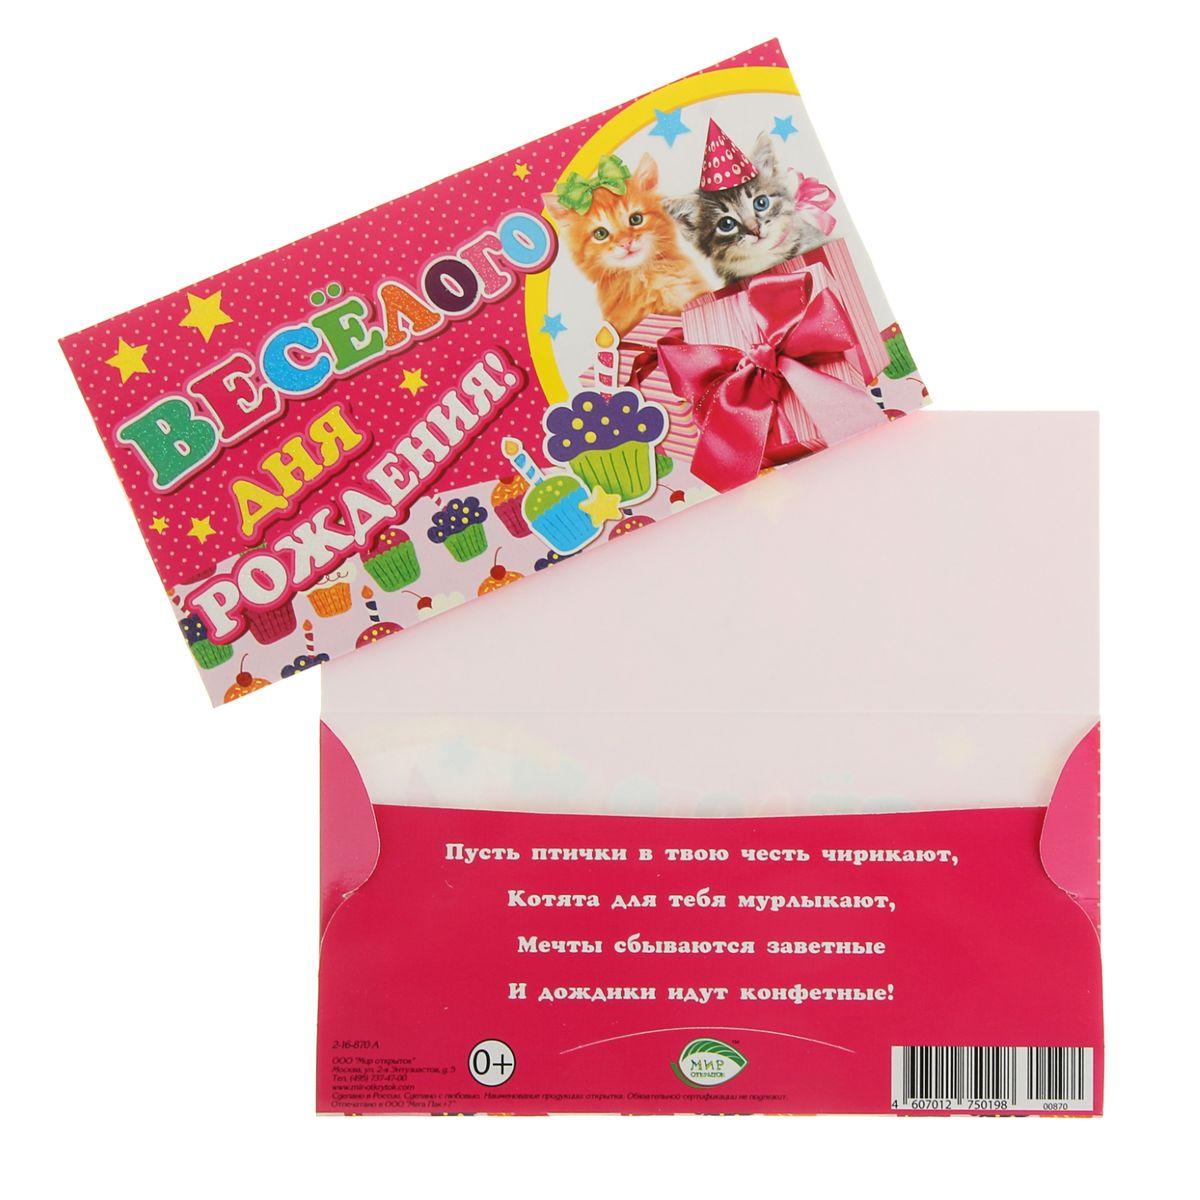 Конверт для денег Веселого Дня Рождения!. 913116 конверт для денег с днем рождения 1092050